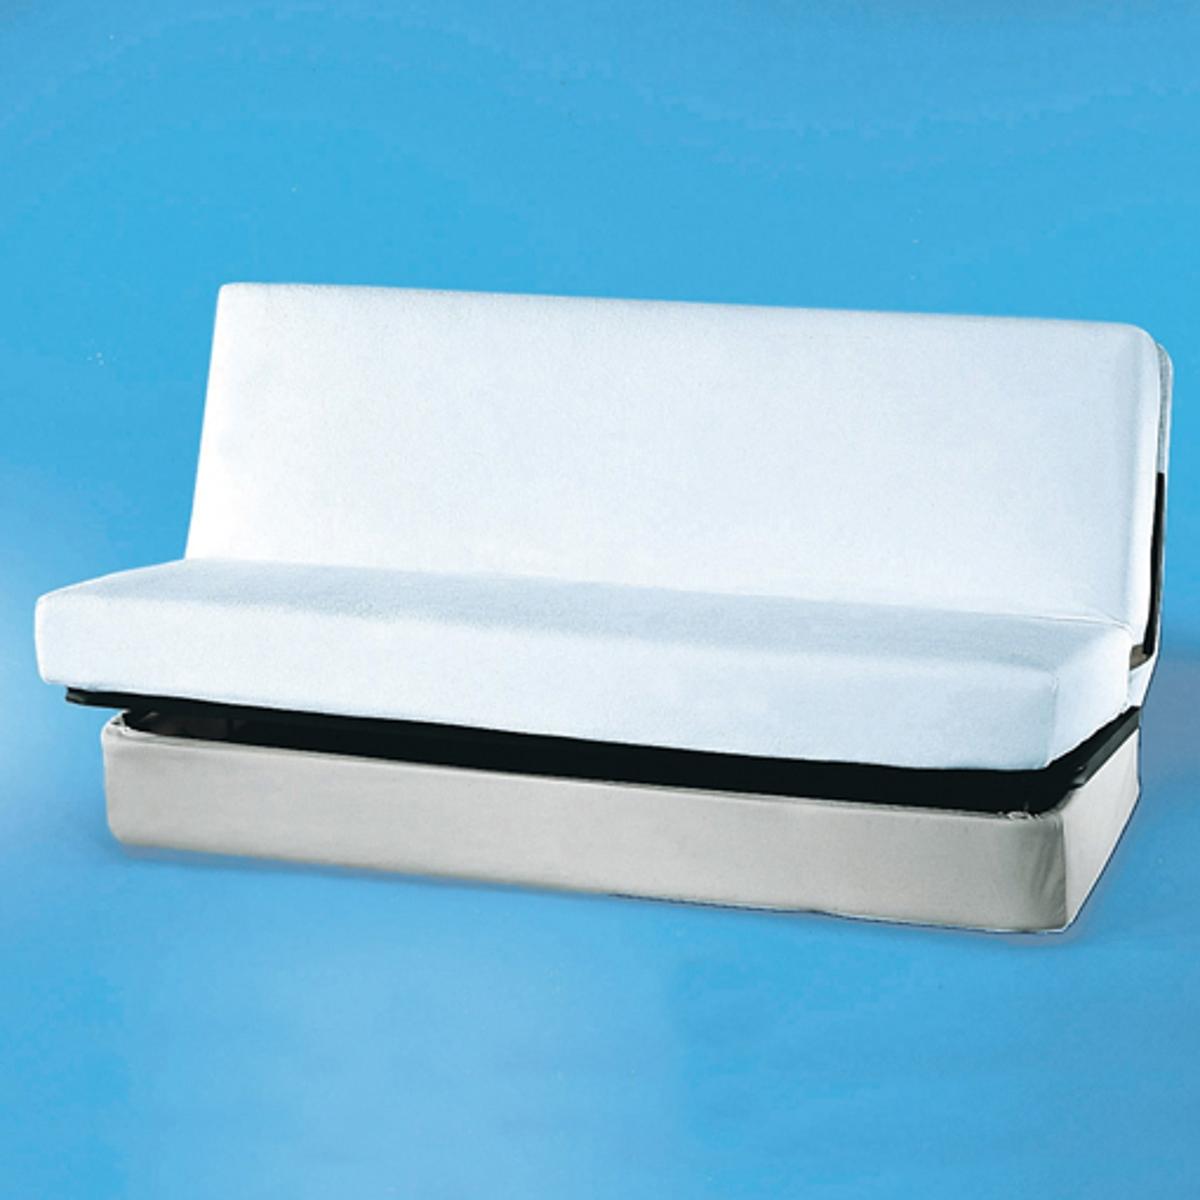 Чехол защитный для матраса клик-кляк, махровая ткань с непромокаемым покрытием из полиуретанаЗащитный чехол на матрас из эластичной махровой ткани с завитым ворсом с непромокаемым покрытием из полиуретана, микро-дышащий, антибактериальный, уменьшает потоотделение.Длина 190 см. 2 ширины в см. Клапан 27 см.100% экологически чистый материал.Изделие прошло активную биологическую обработку  Машинная стирка при 60 °С.Качество VALEUR S?RE.<br><br>Цвет: белый